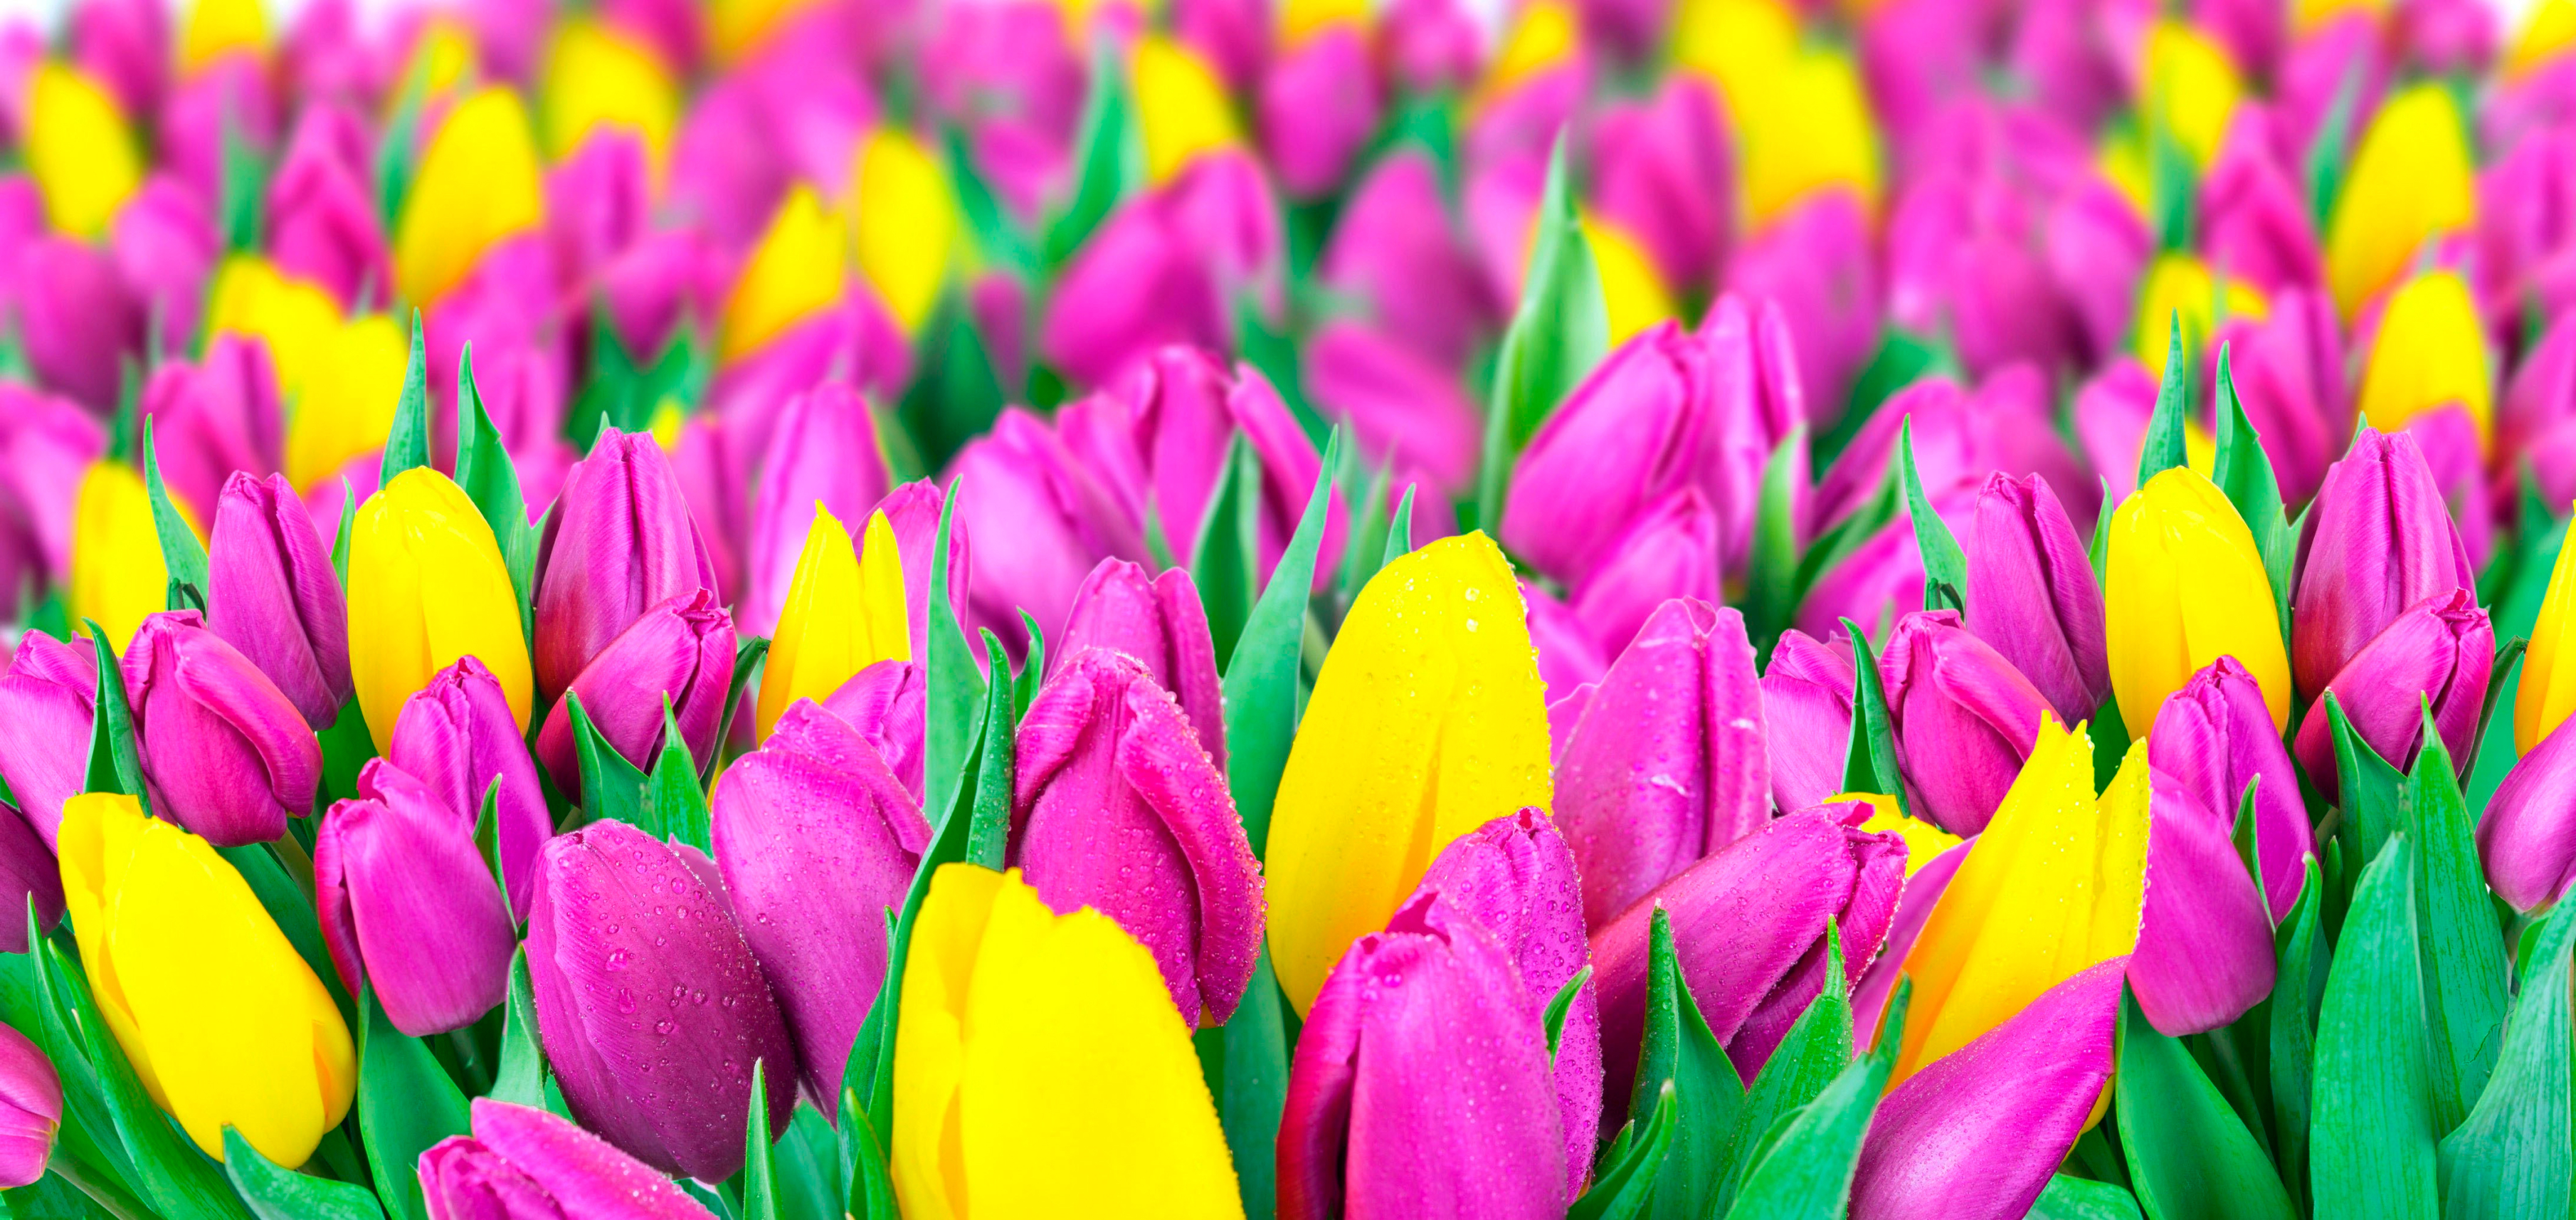 tulip-photo-42